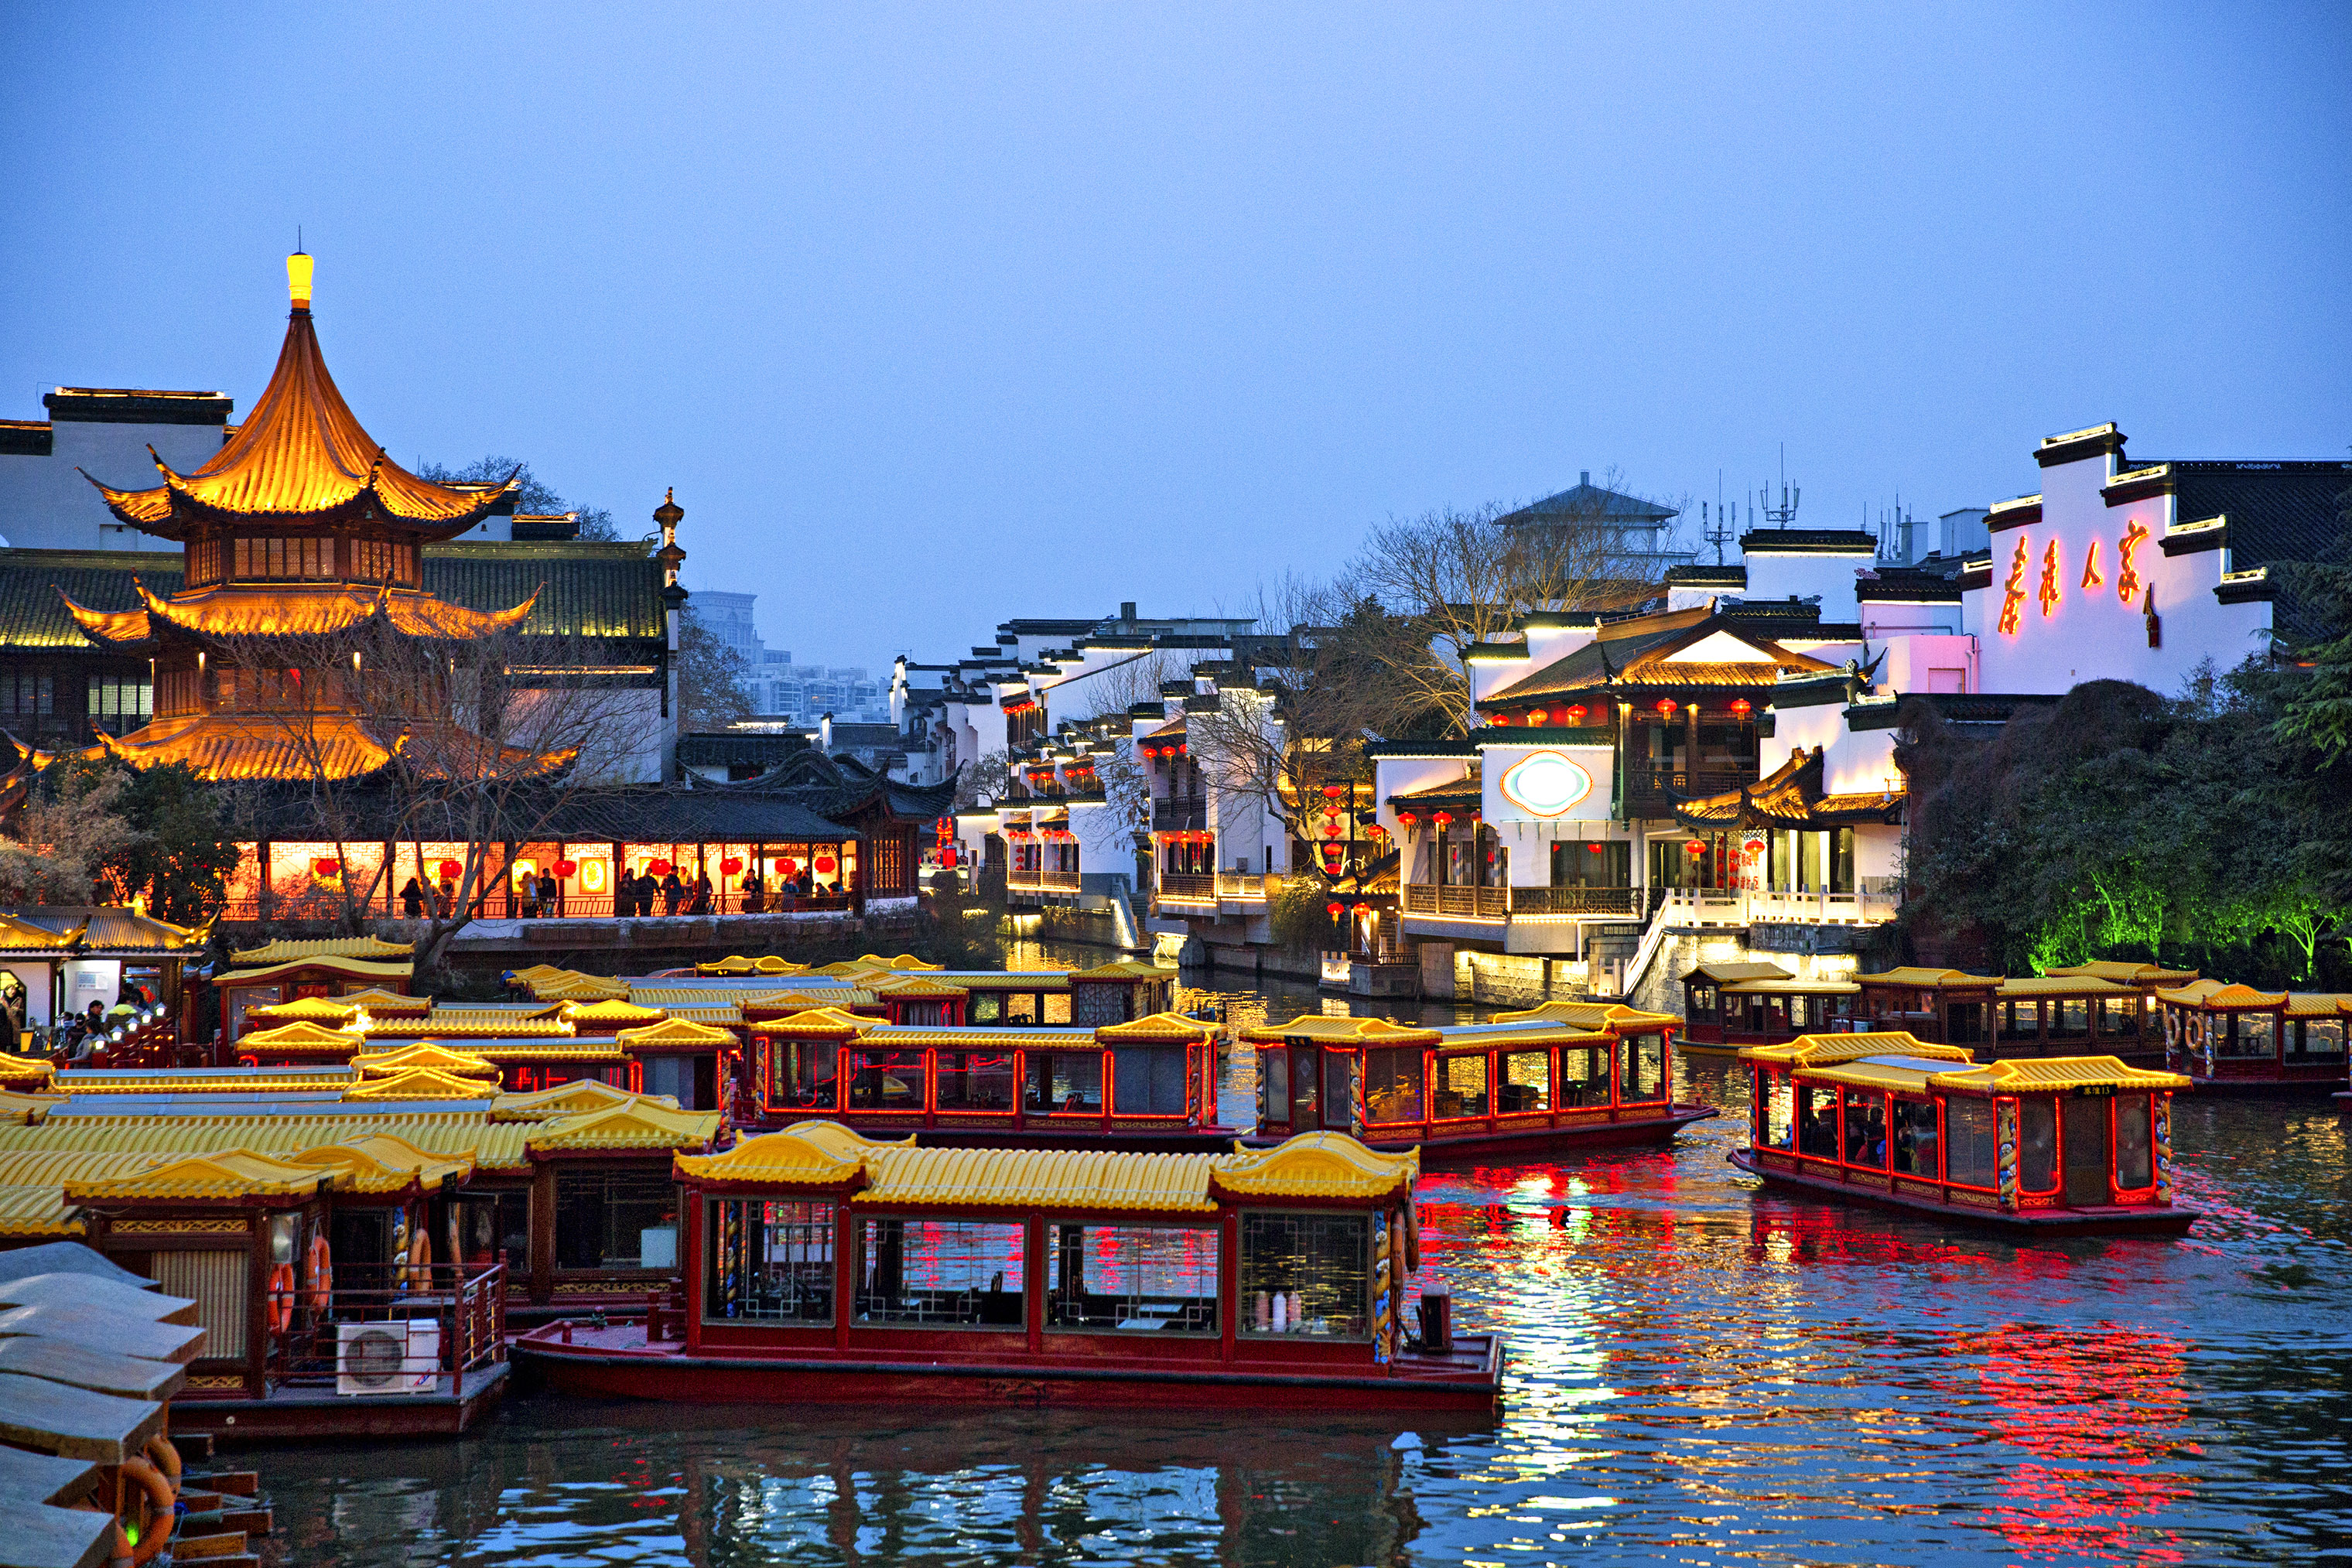 Ships sail the Qinhuai River in Nanjing.